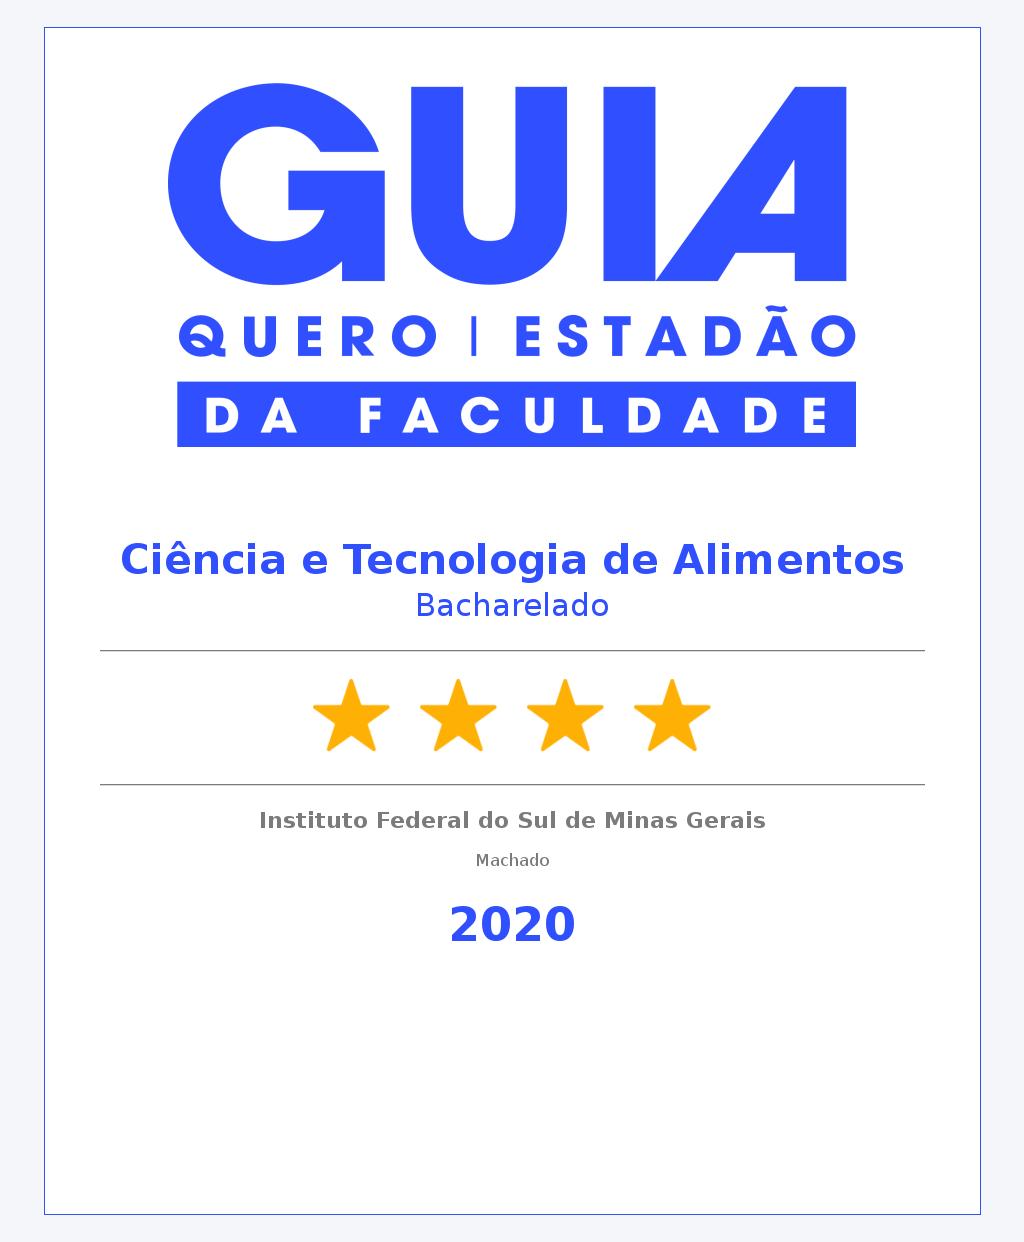 Ciência e Tecnologia de Alimentos Bacharelado Machado 4 Estrelas